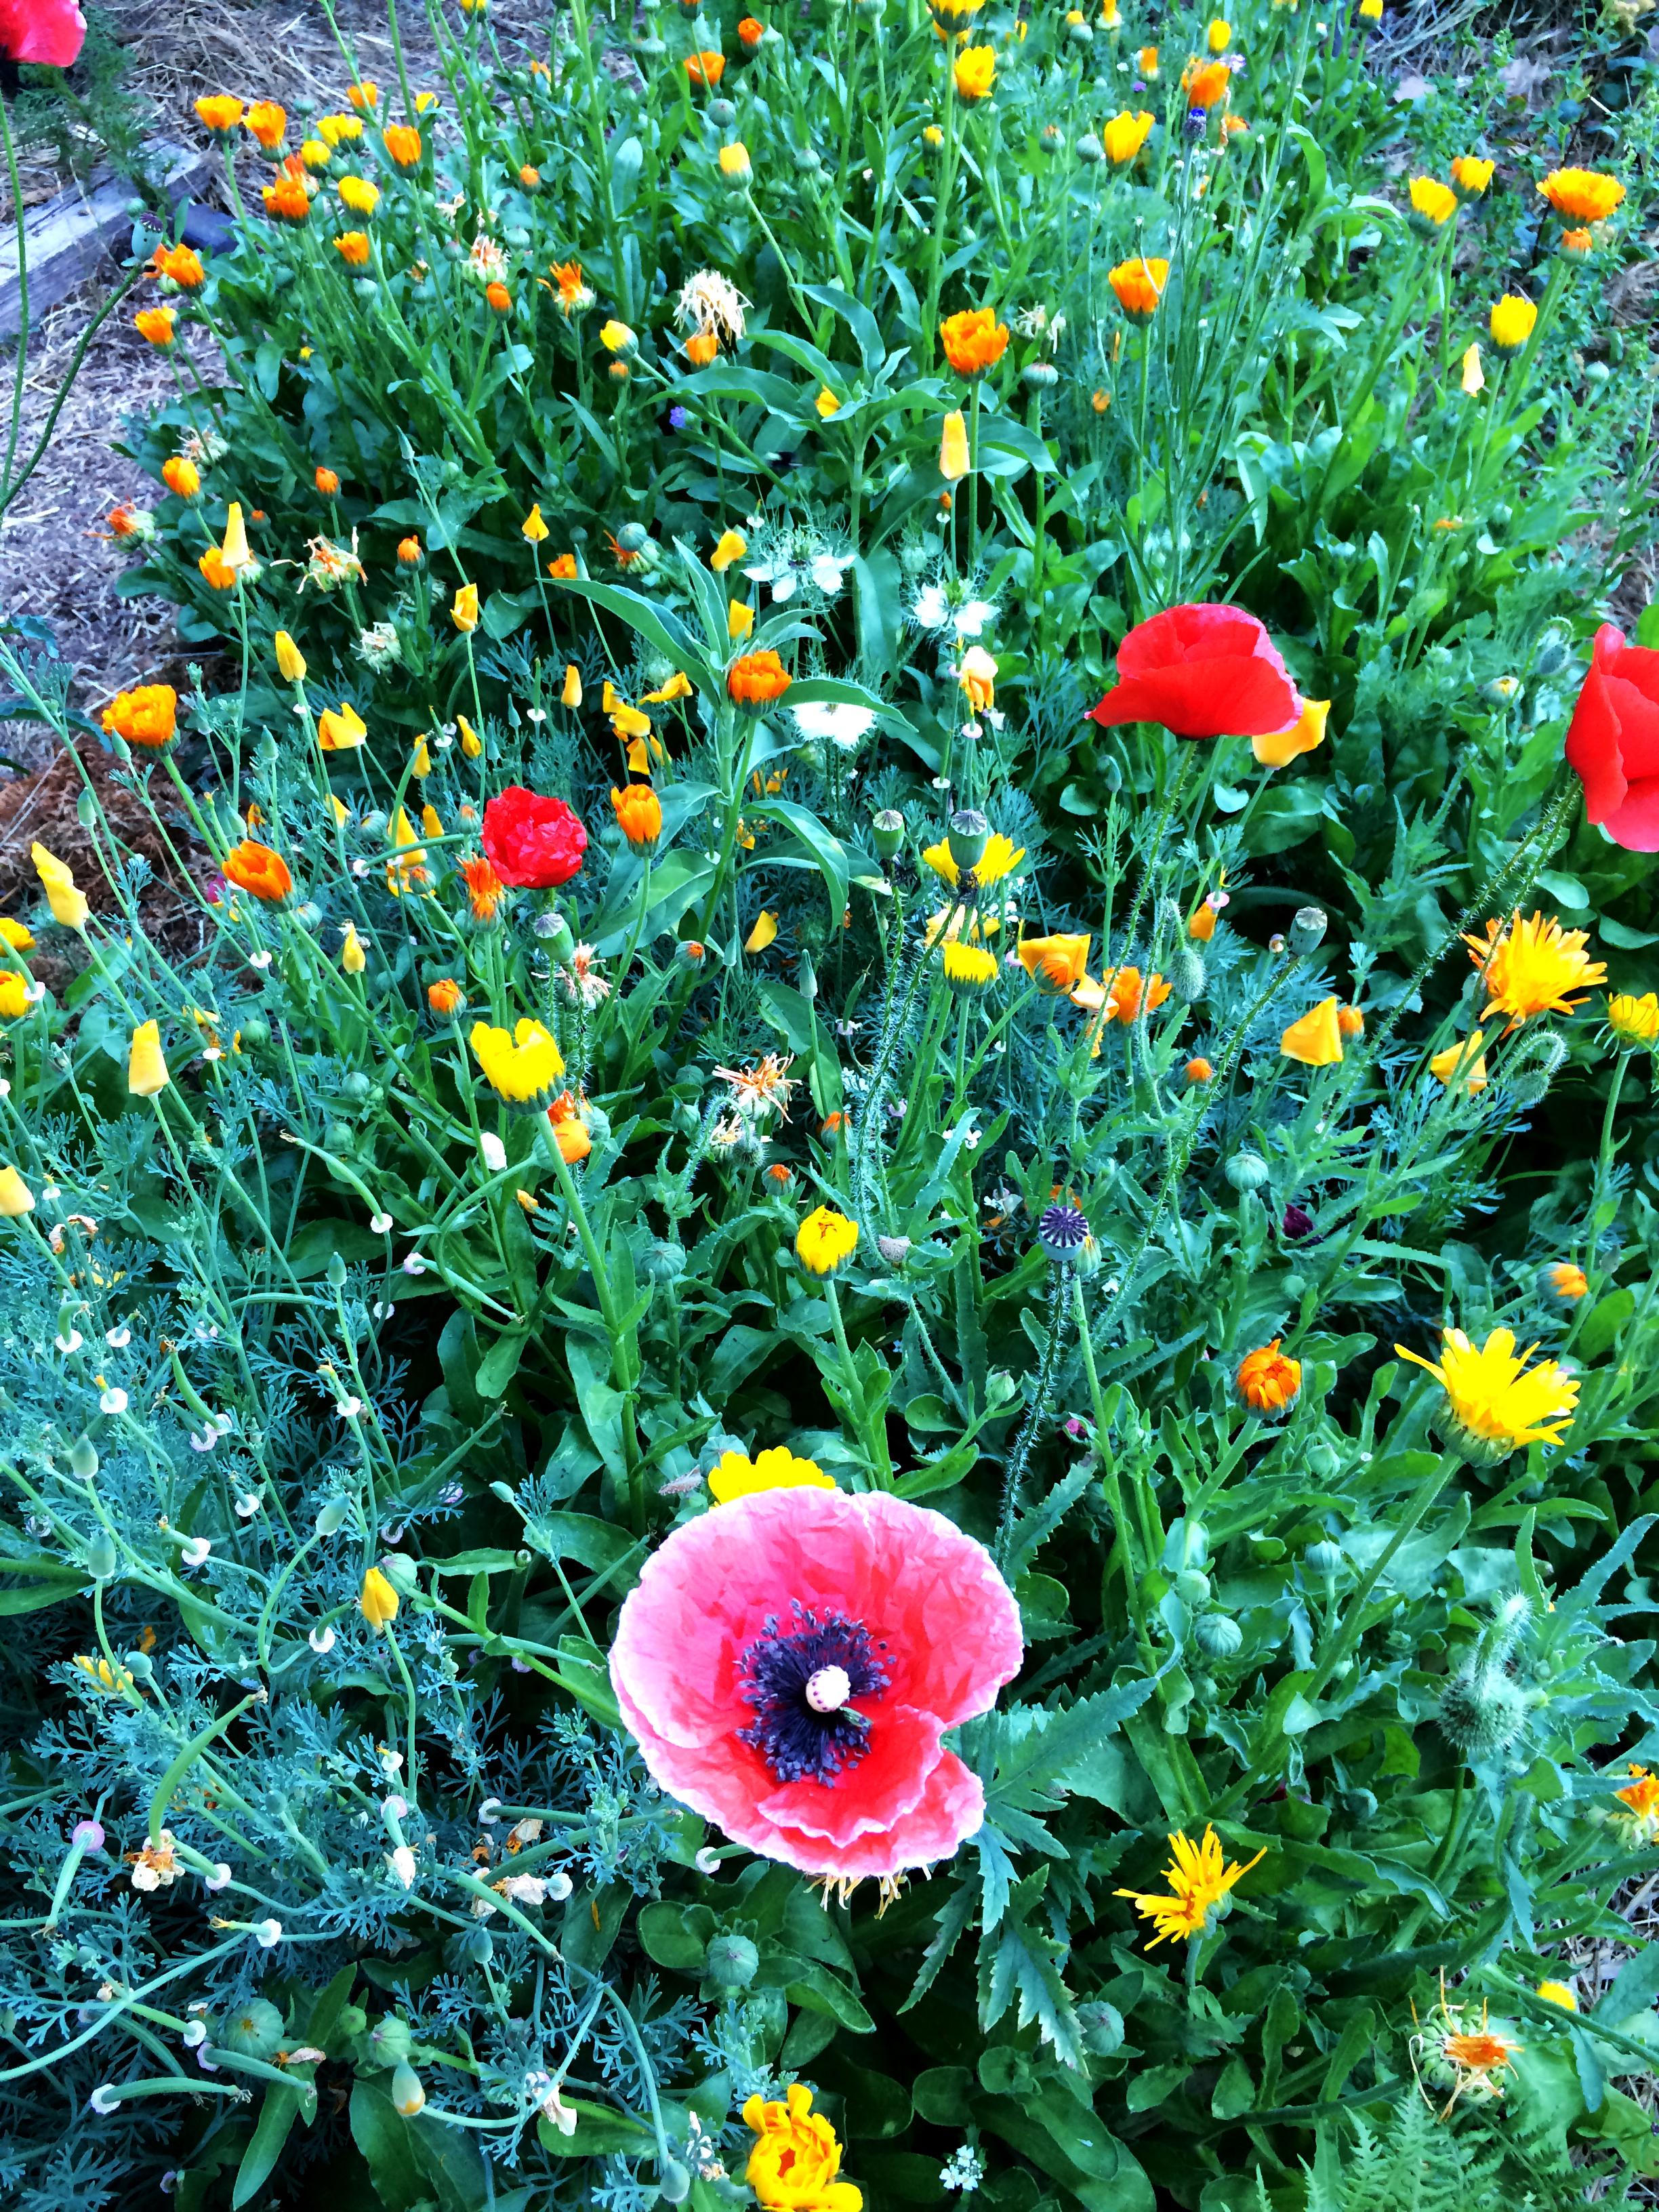 flowers4 copy.jpg